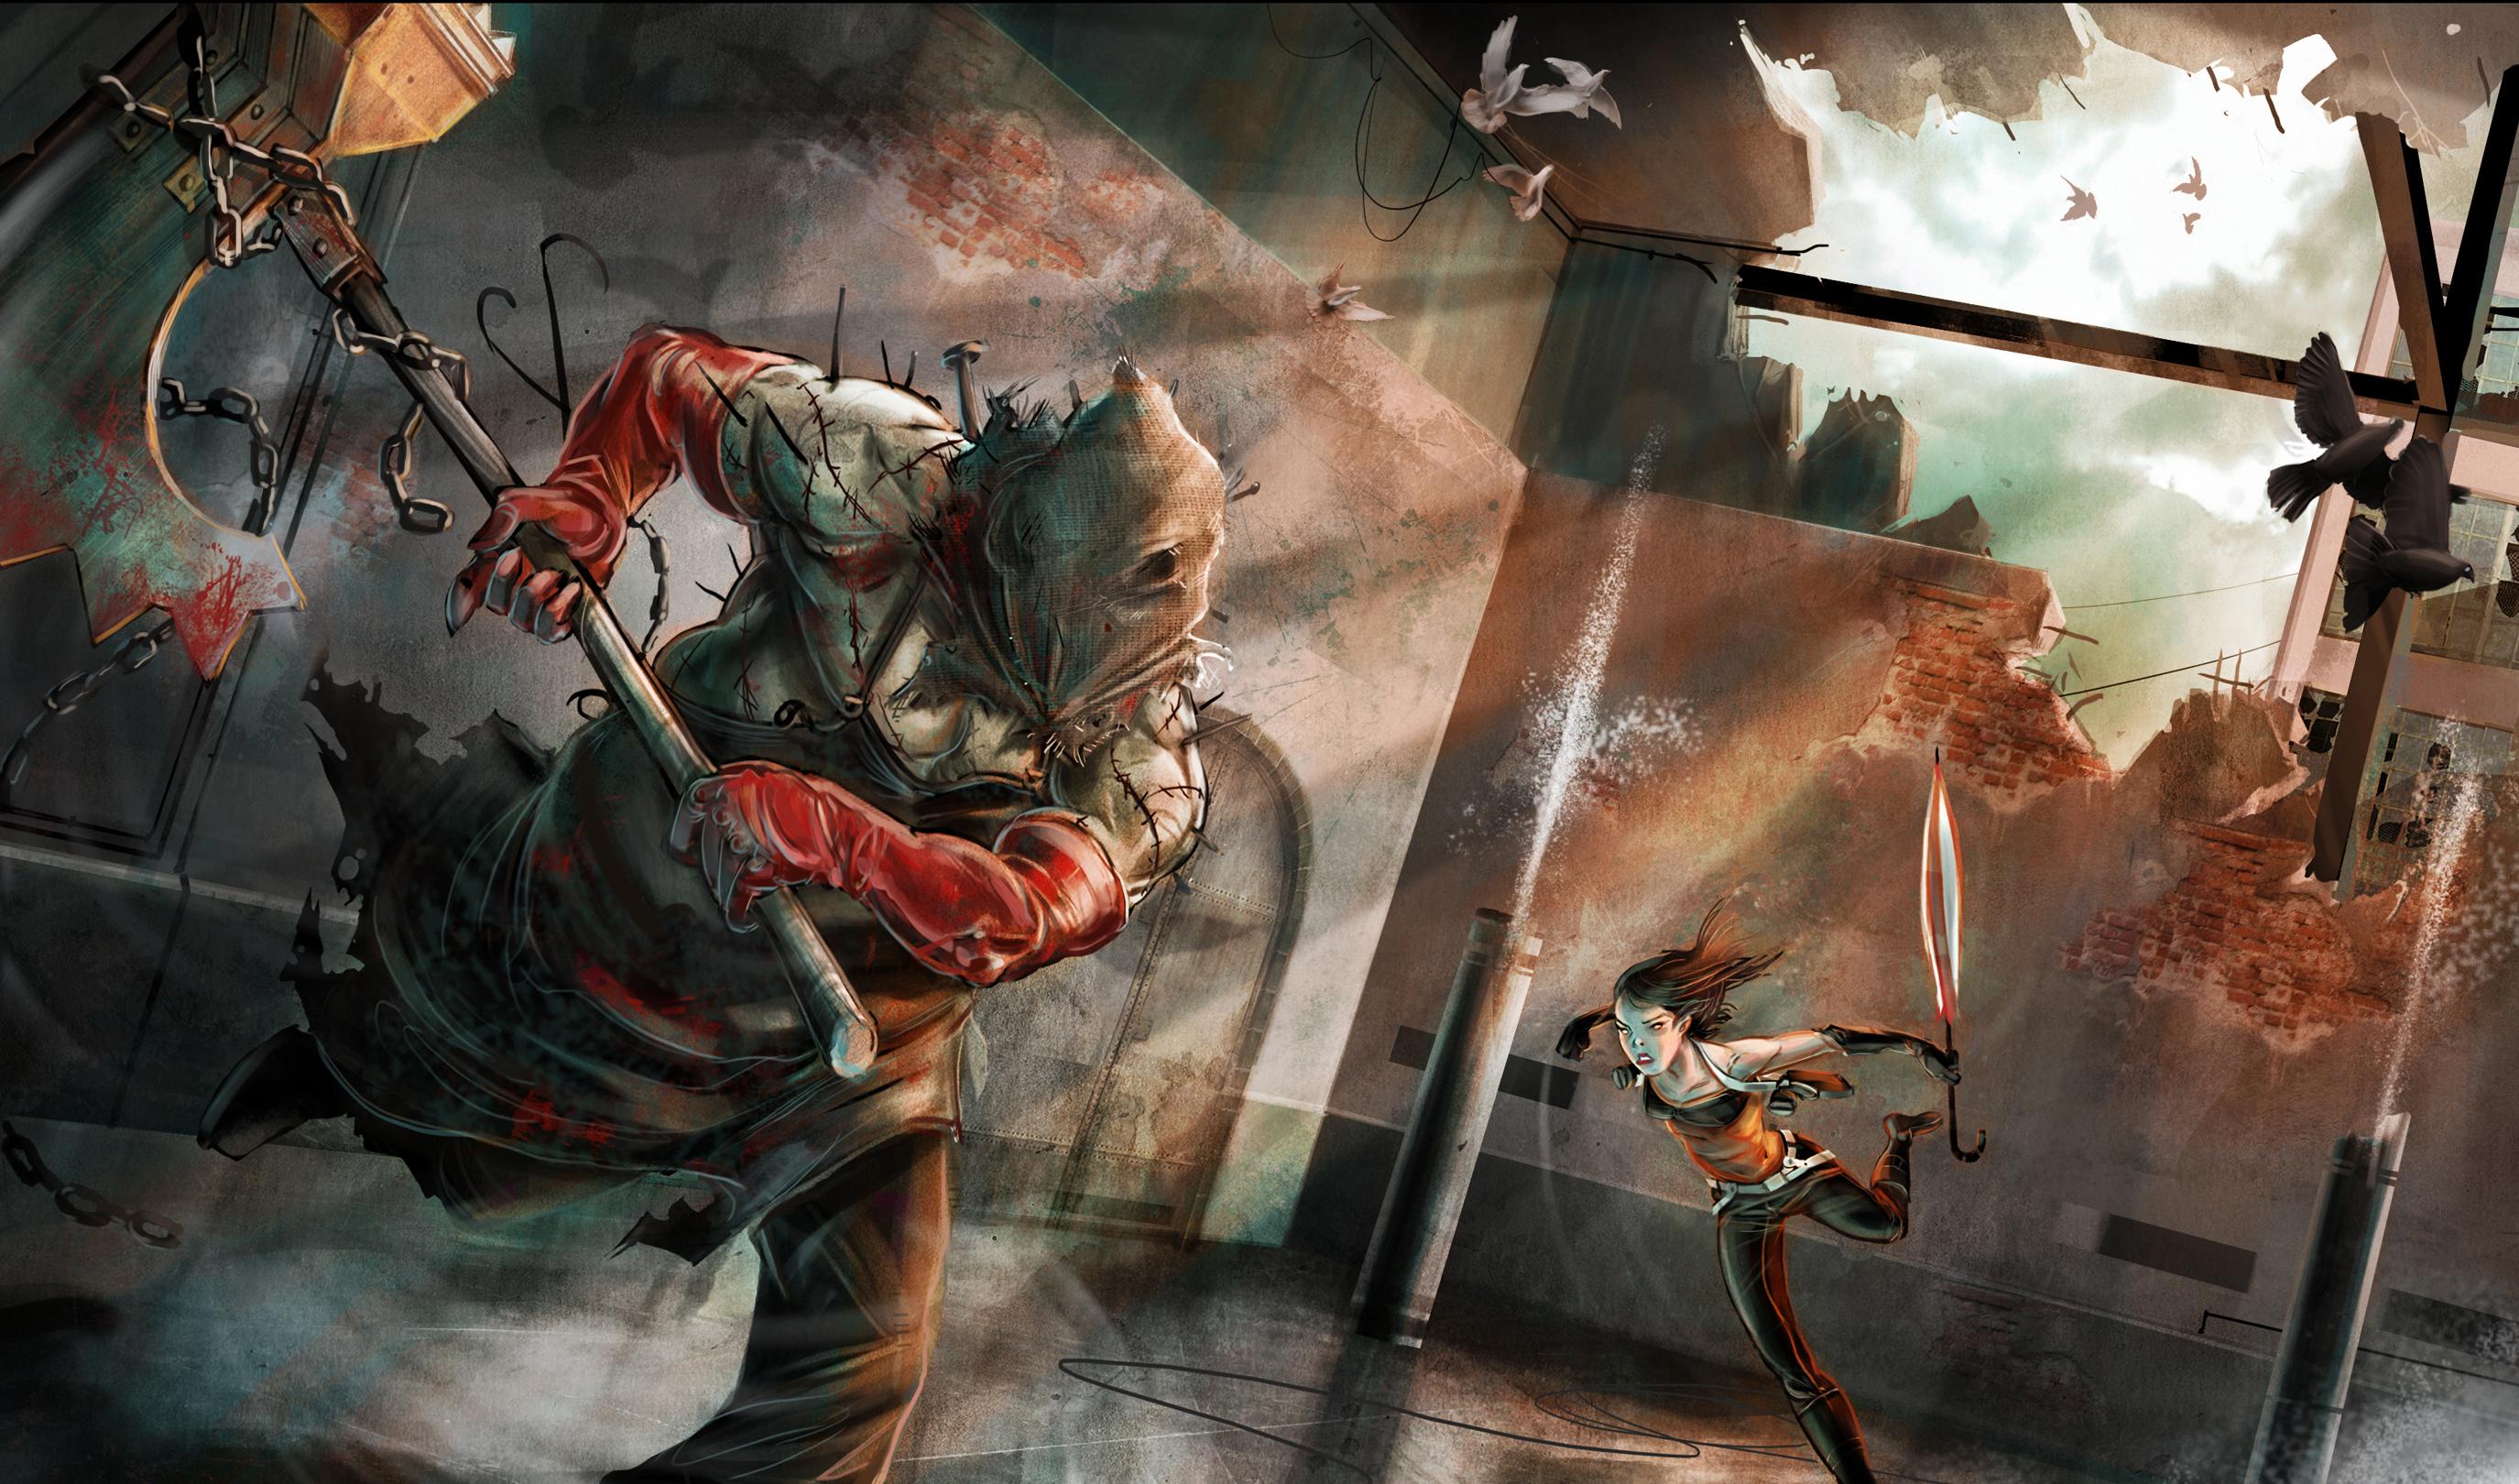 Hd wallpaper resident evil - Video Game Resident Evil Wallpaper